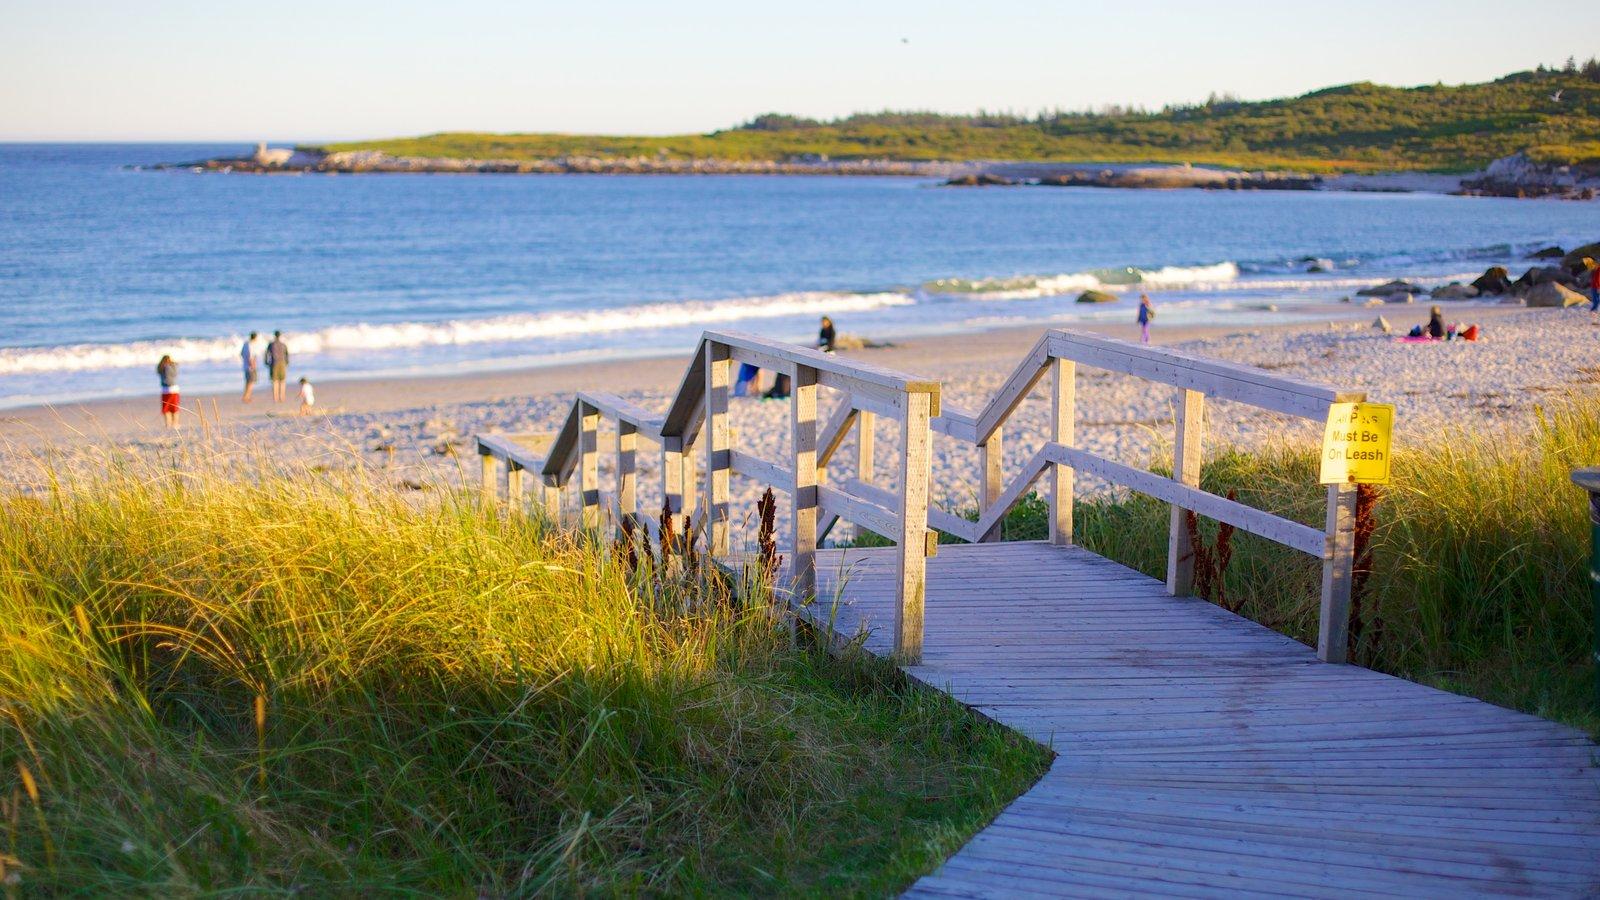 Playa Crystal Crescent mostrando una playa de arena y vistas generales de la costa